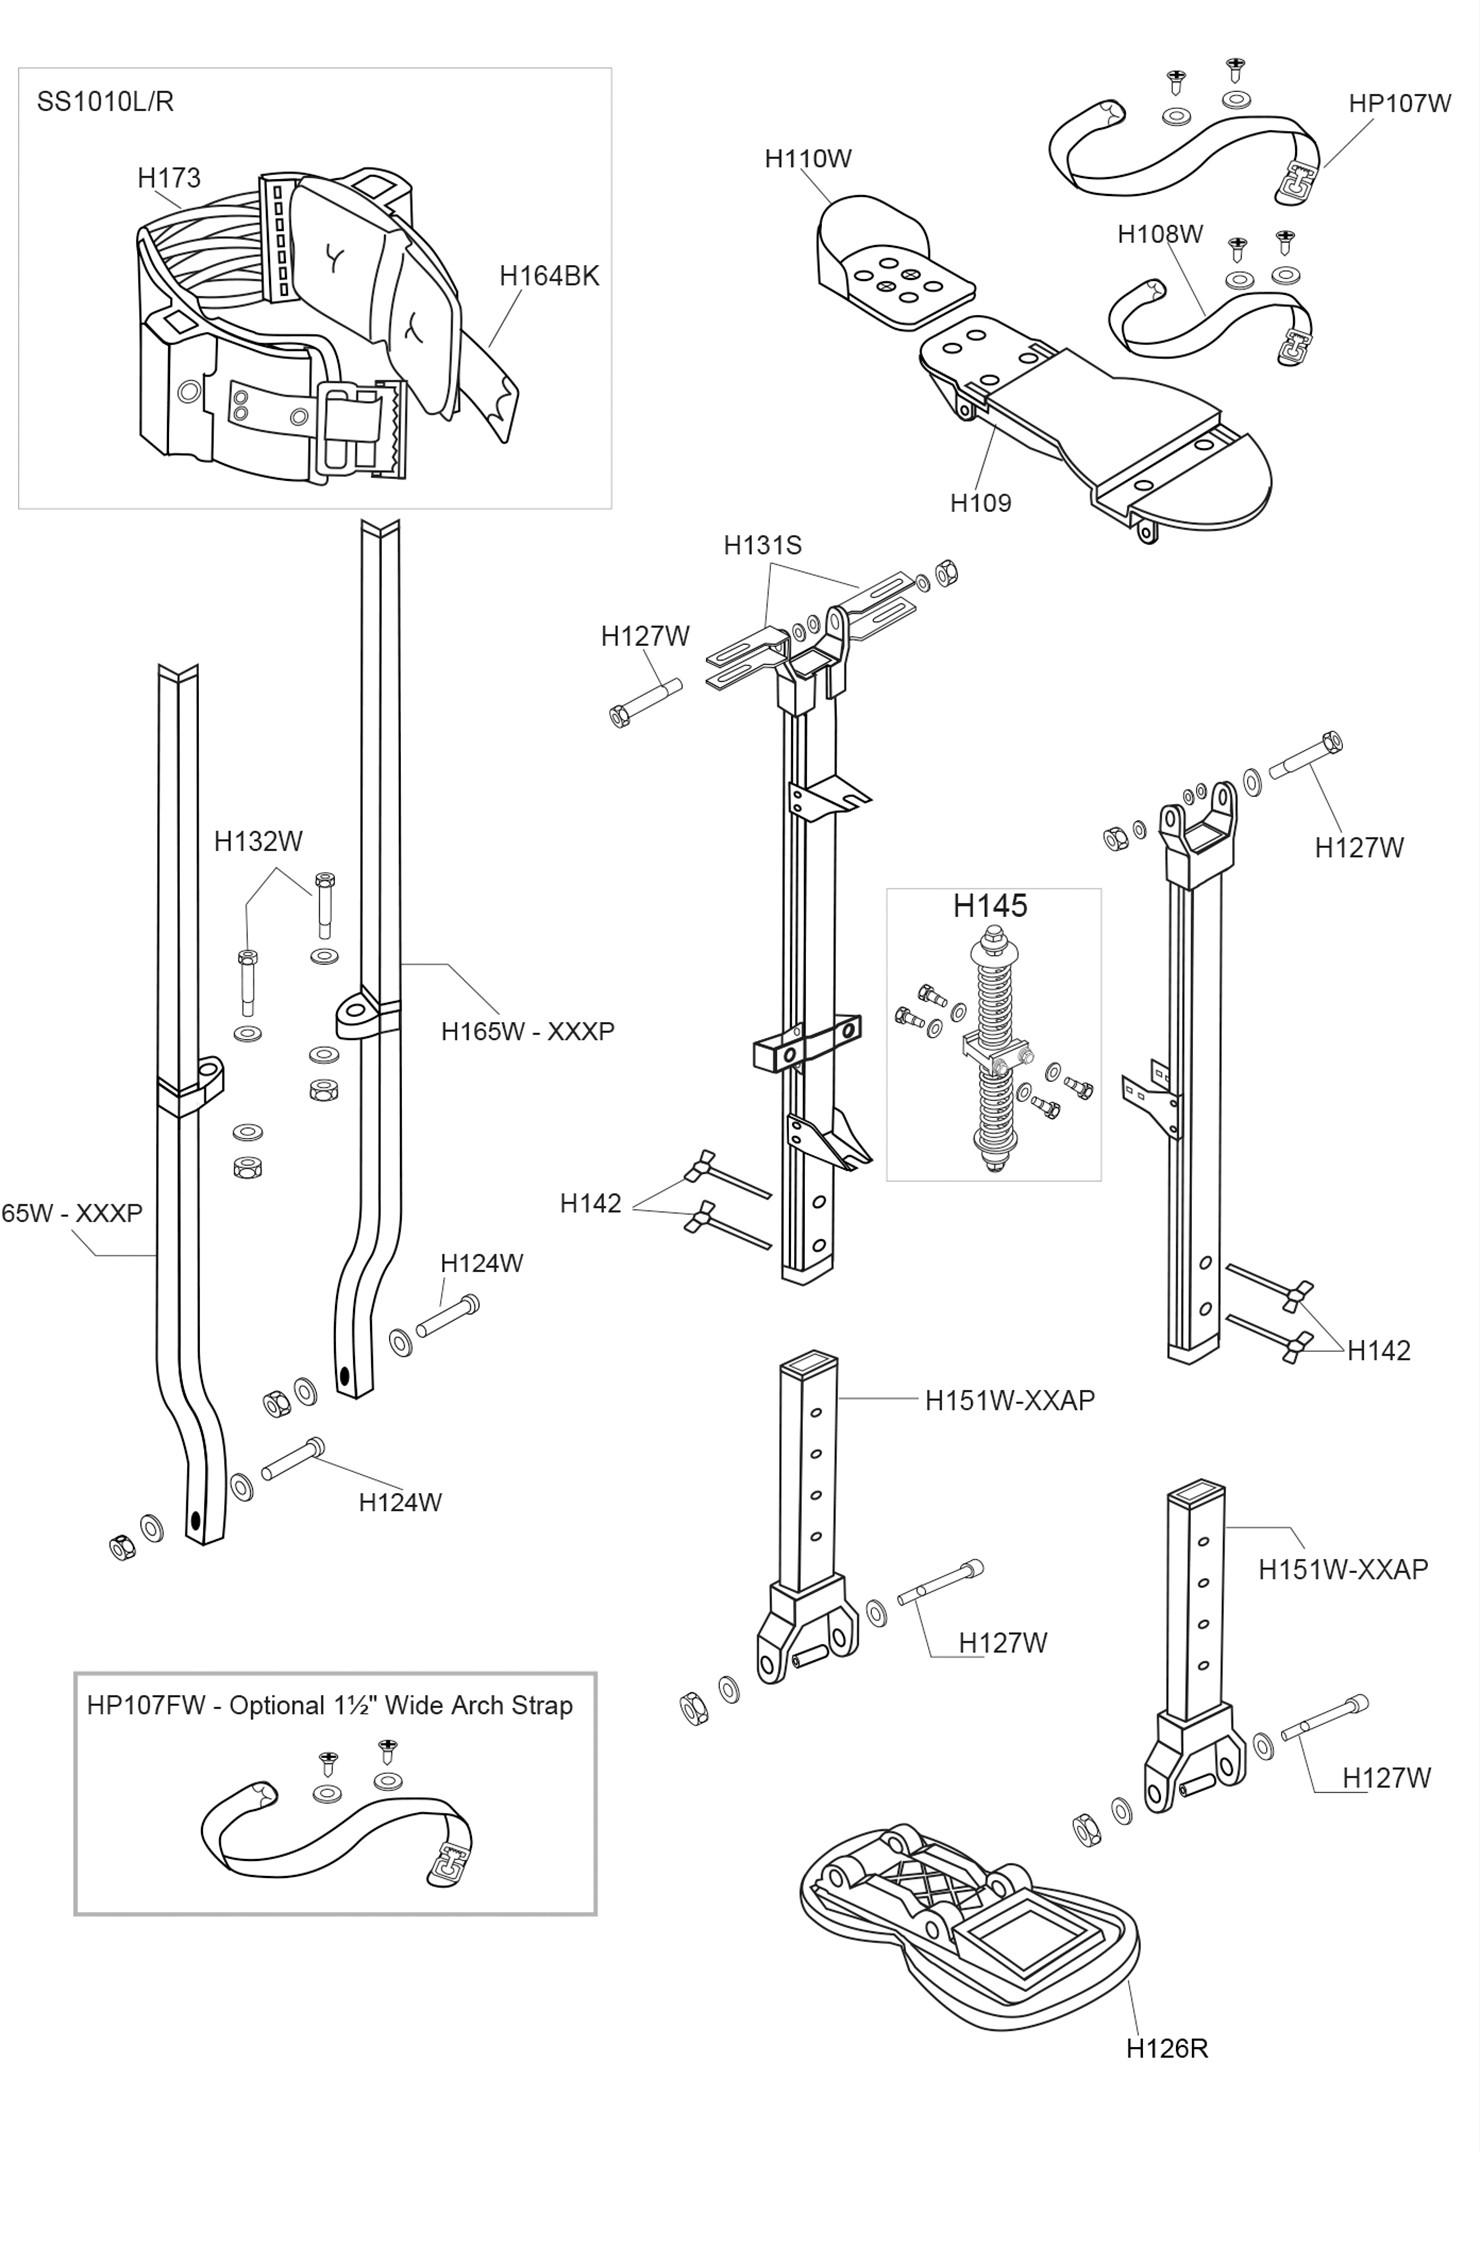 Sur-Stilt S2 Mag Parts List